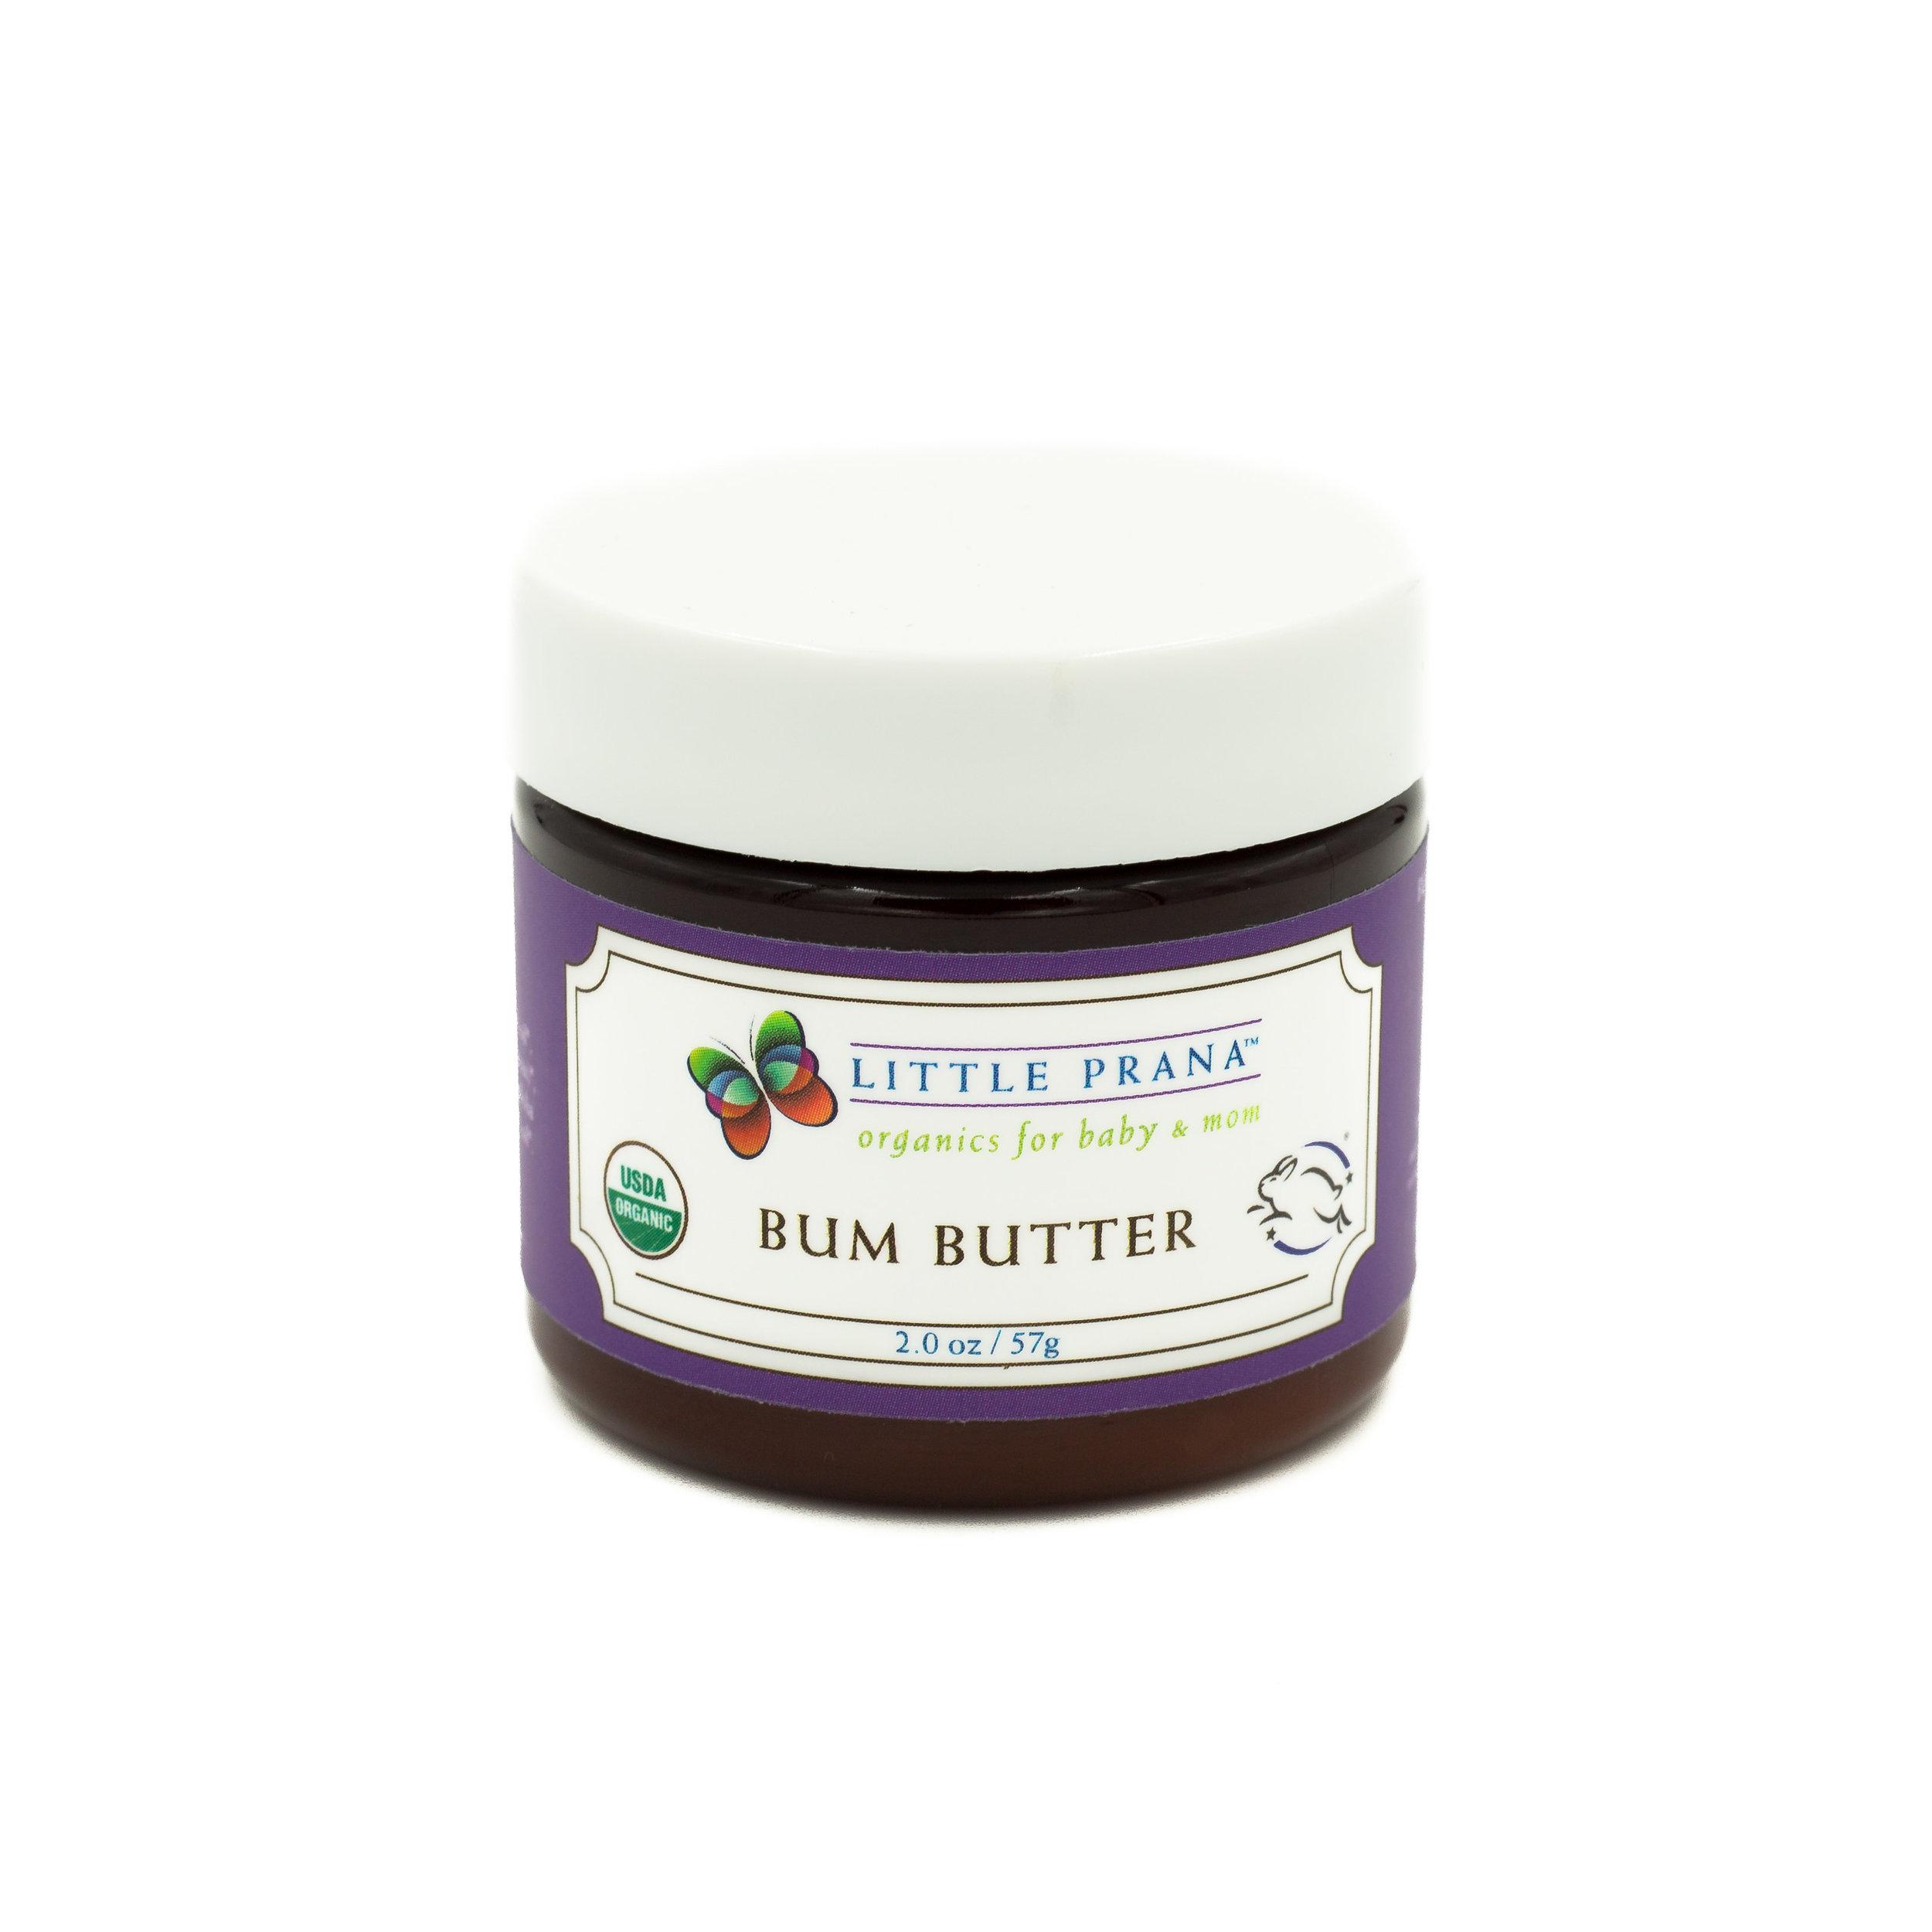 Bum Butter